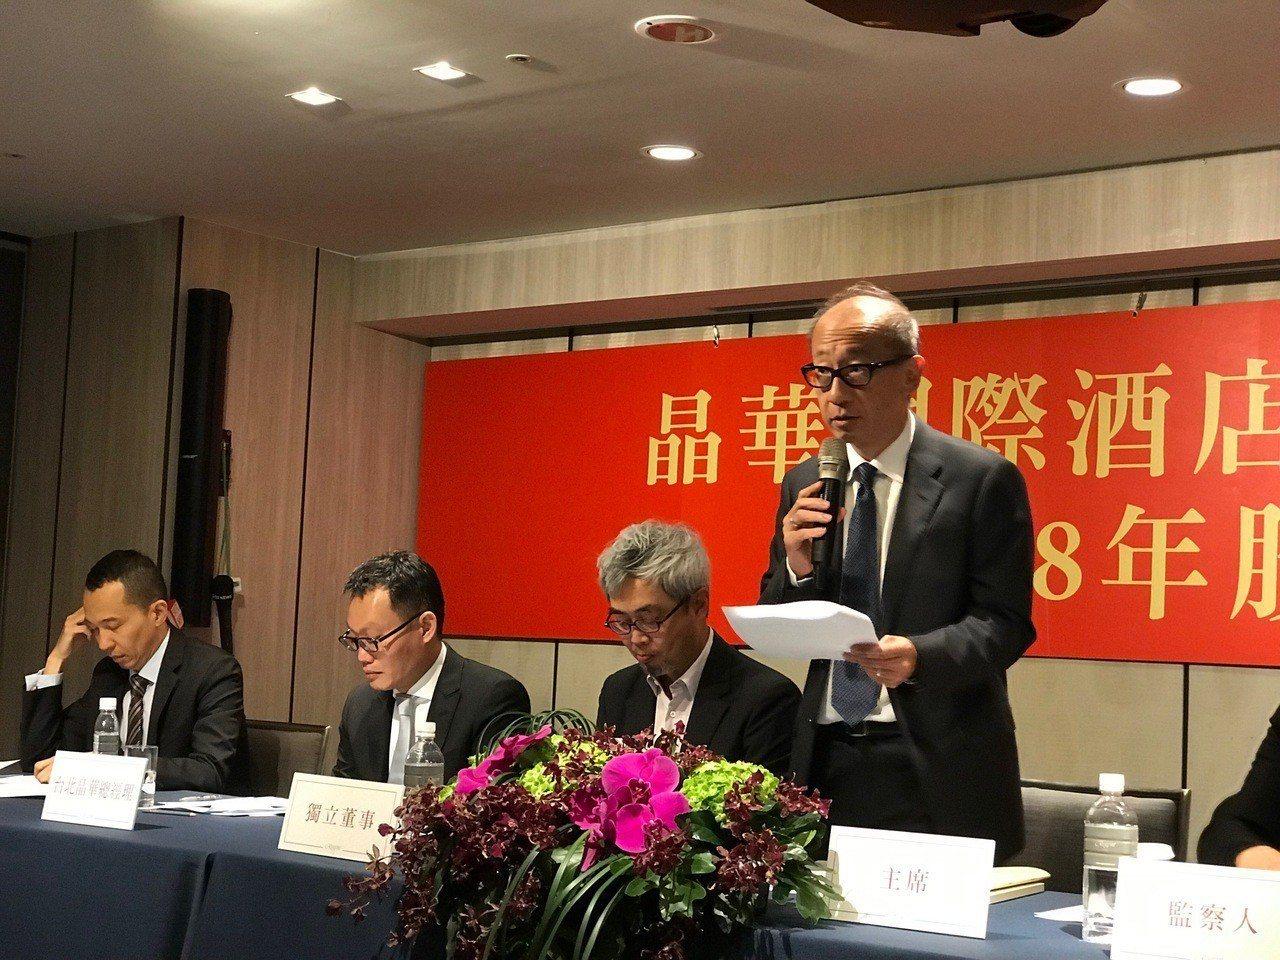 晶華今日舉辦股東會,由董事長潘思亮主持。(攝影/記者嚴雅芳)